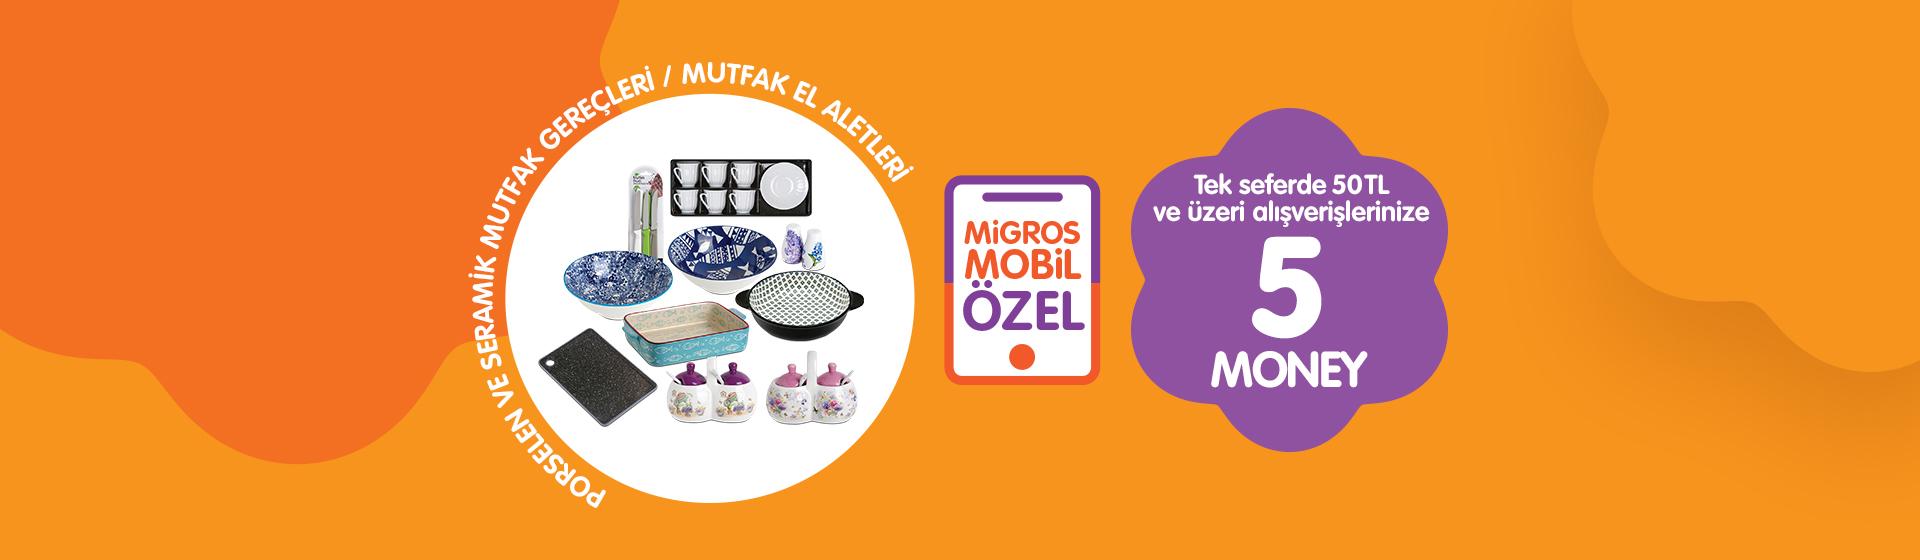 Porselen ve Seramik Mutfak Gereçleri ve El Aletleri Money Kampanyası